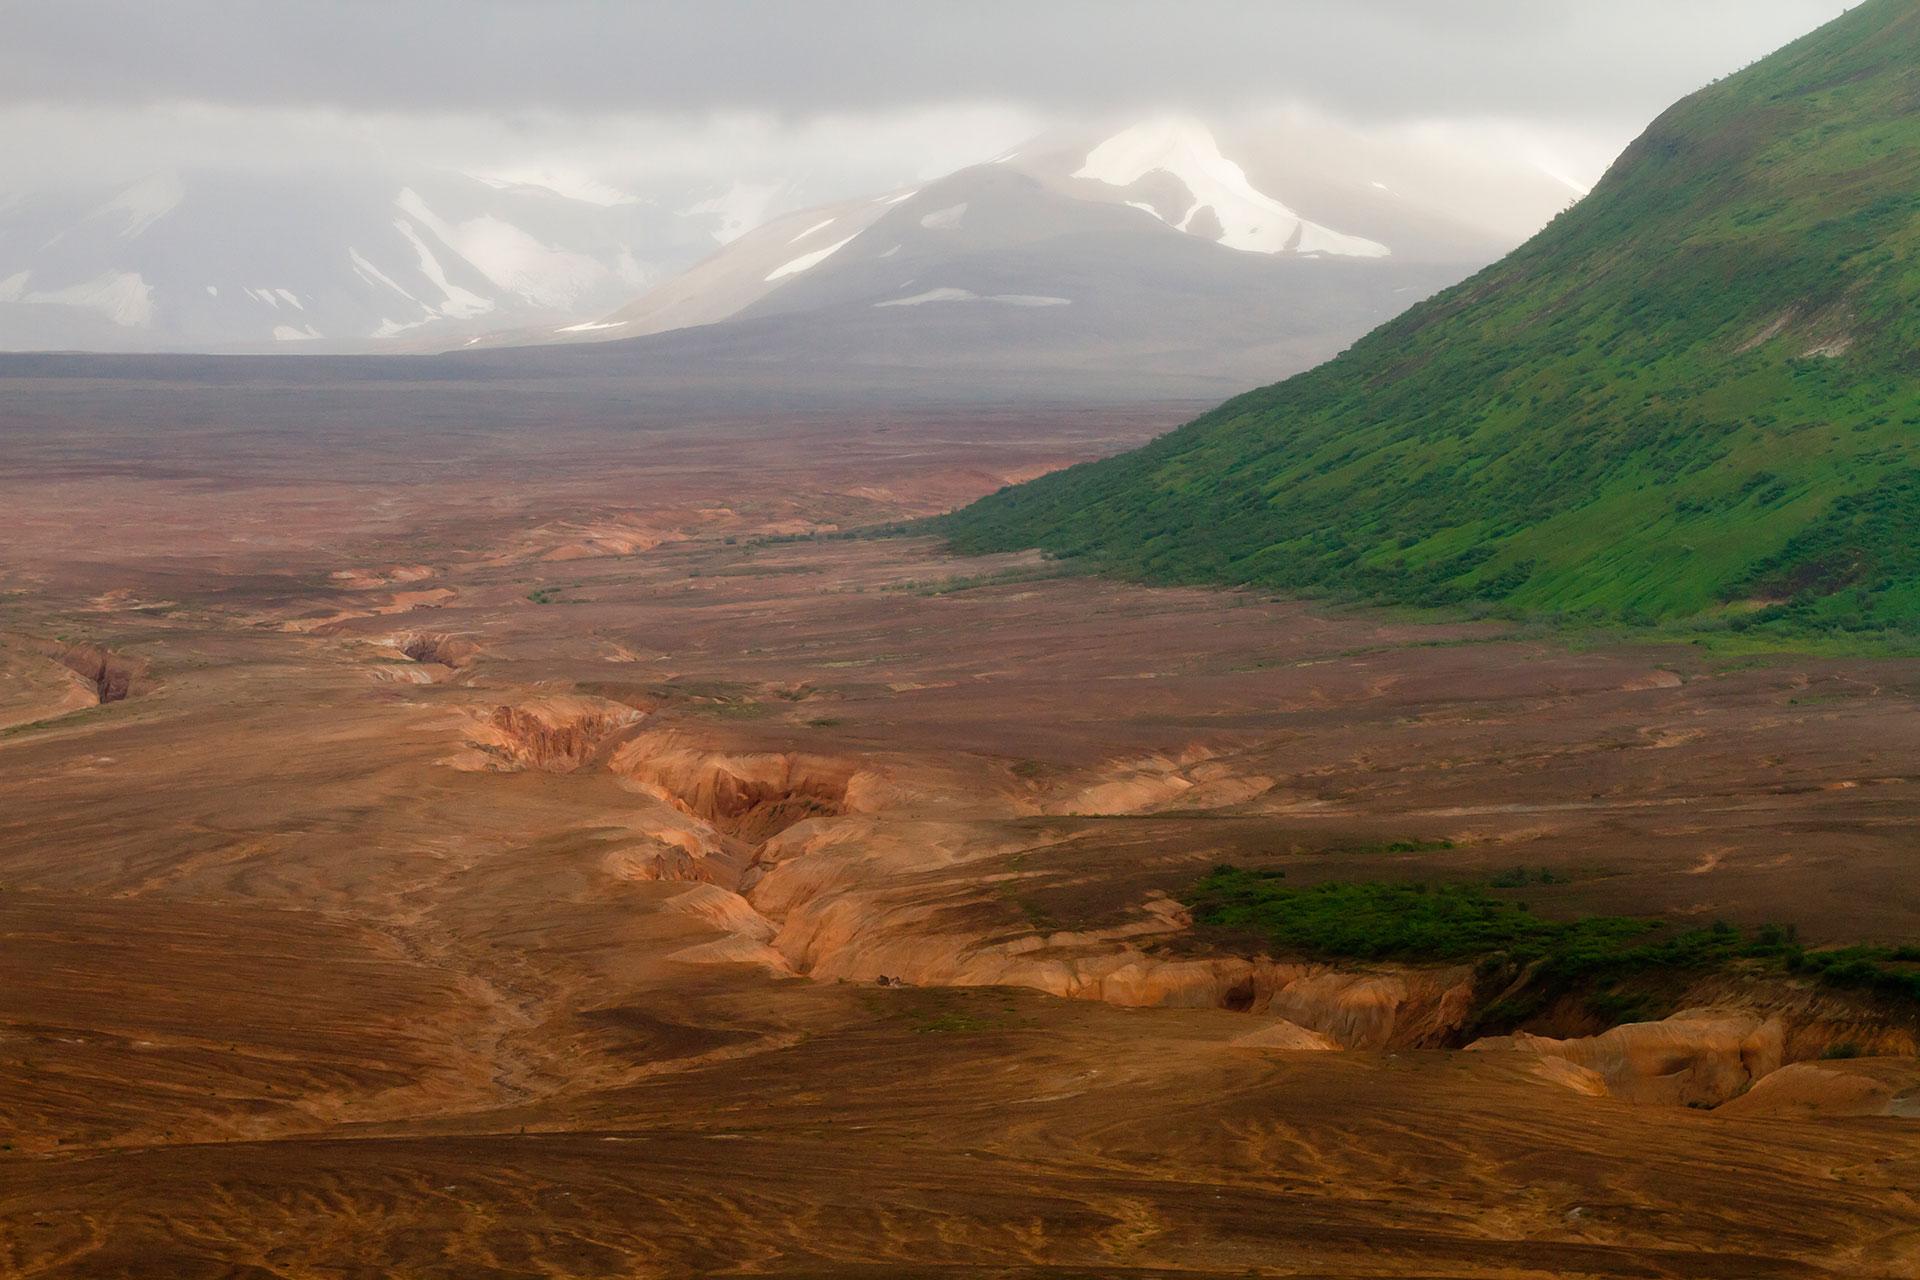 Su erupción de noviembre de 1912 fue la más grande el siglo XX. Tiene apenas una elevación de 841 metros